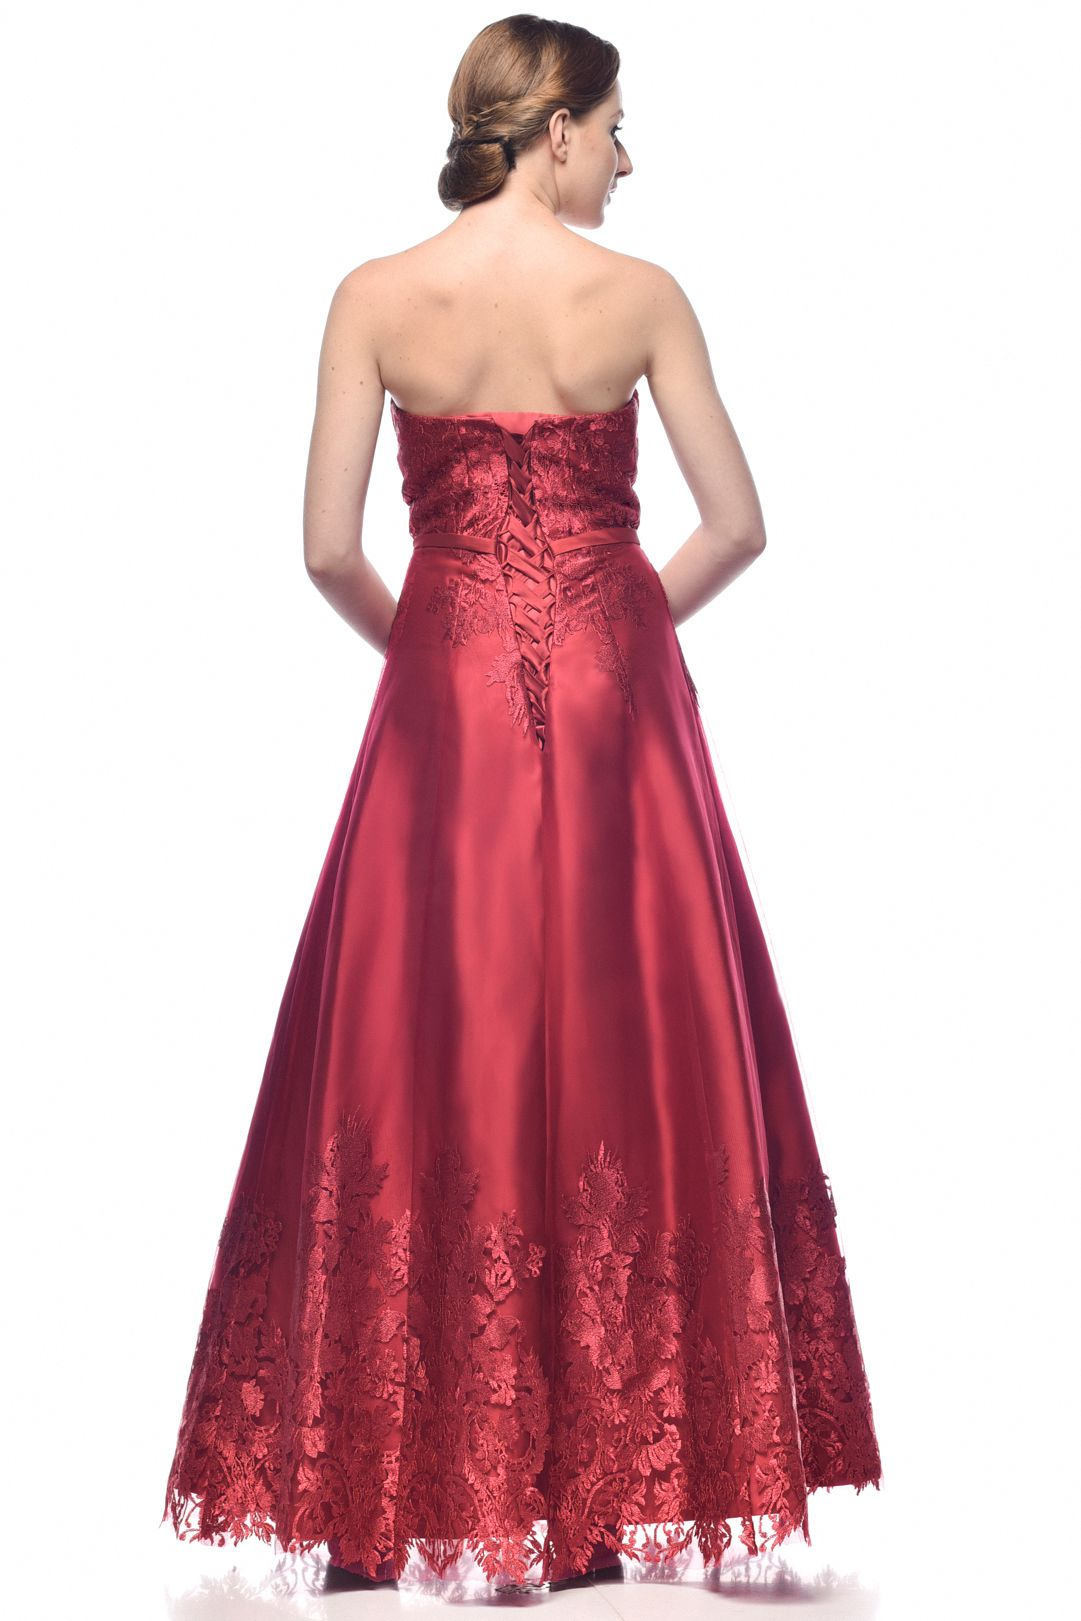 Regal Red Dress